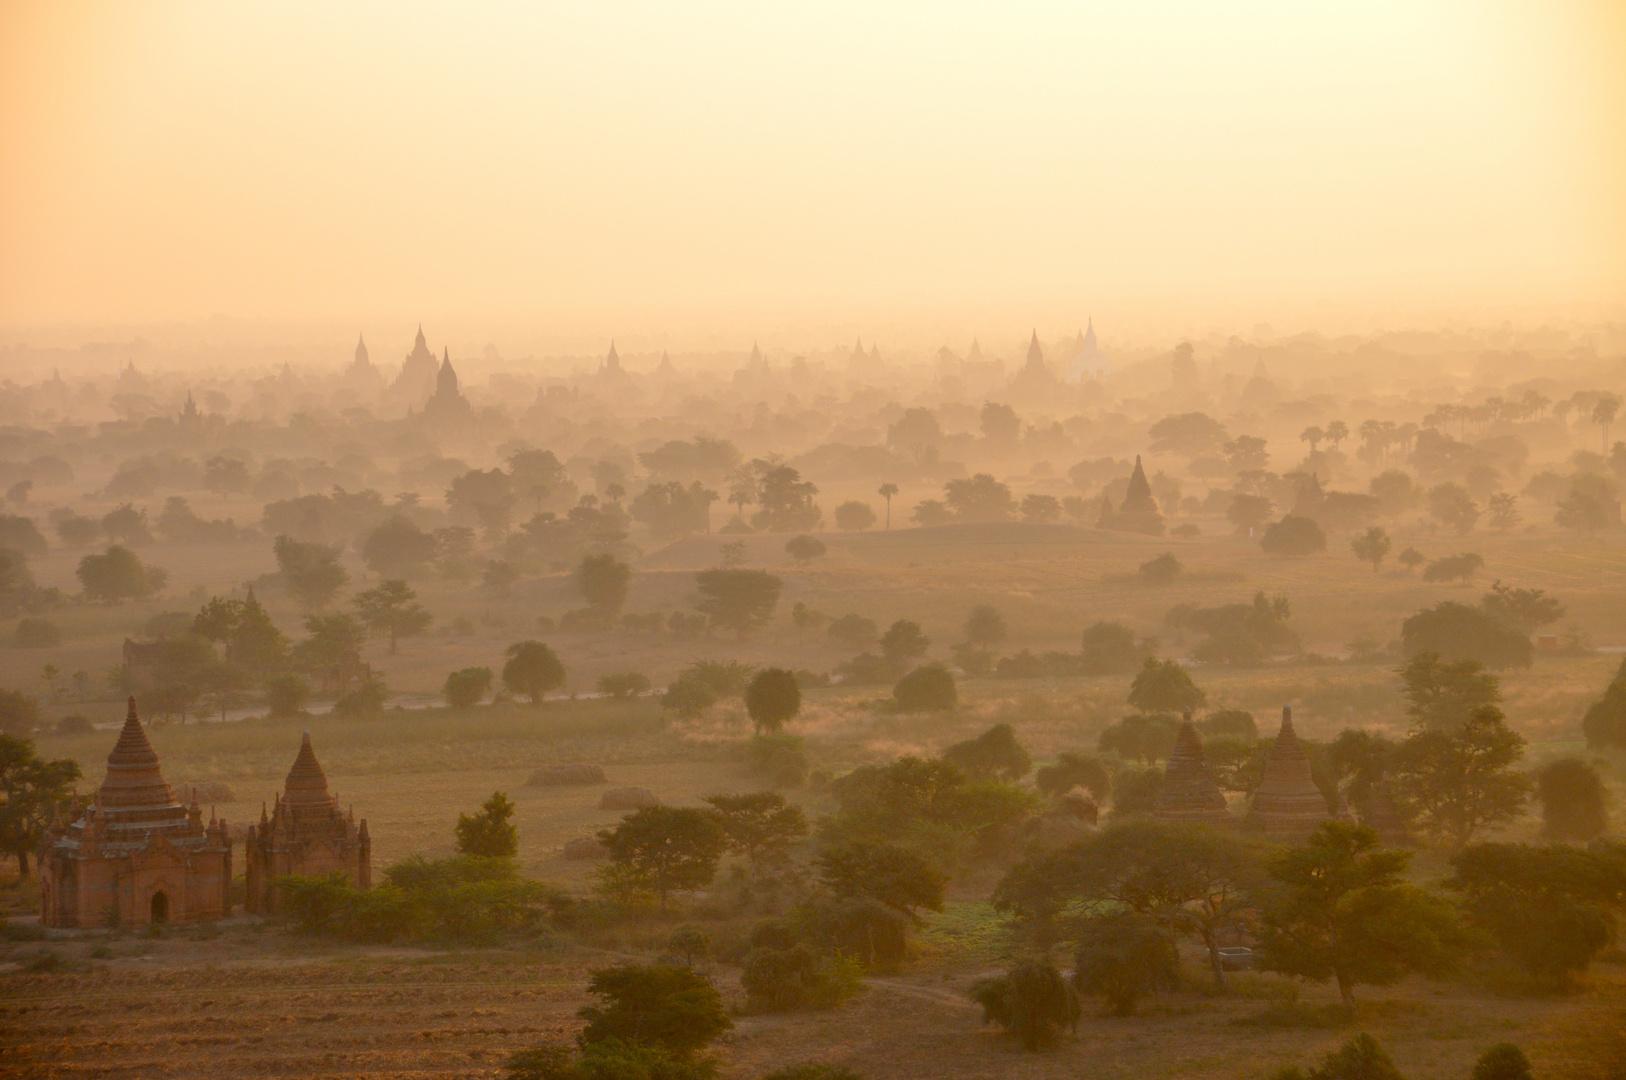 Die Pagodenlandschaft von Bagan im Morgennebel